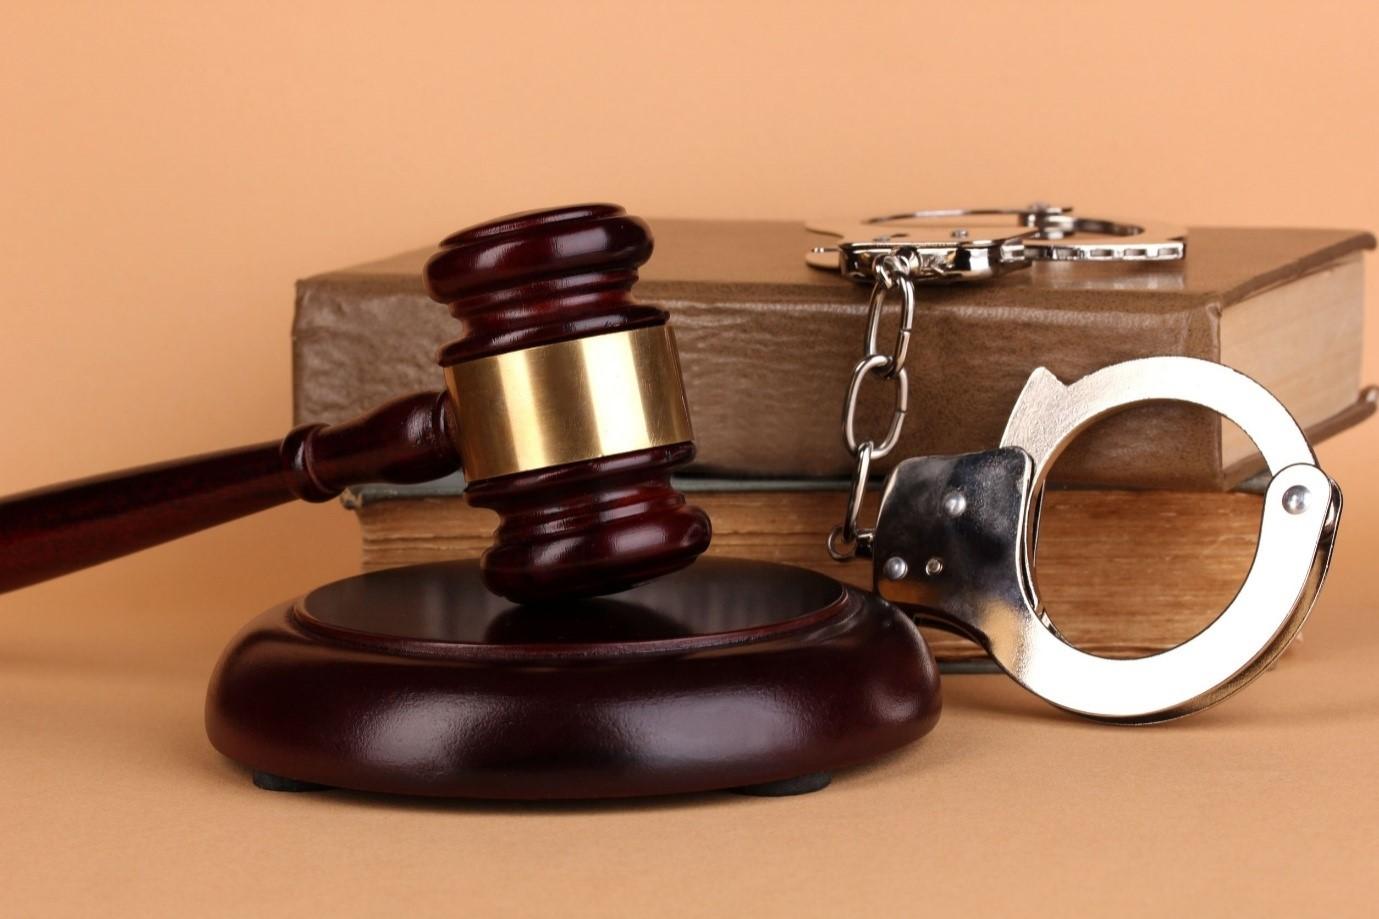 آیا می توان وکیل را عزل نمود؟